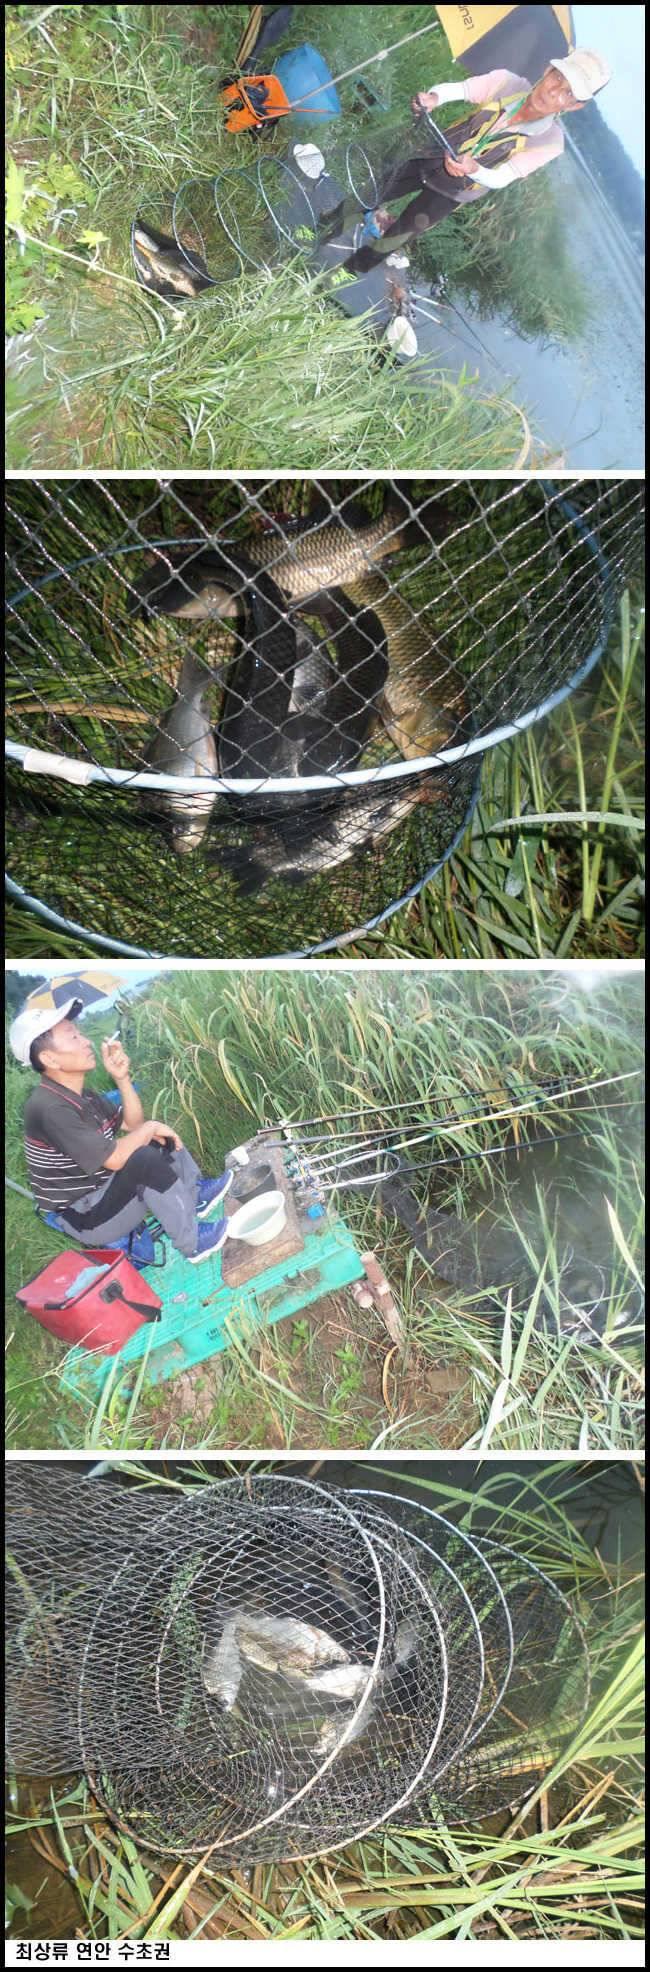 fish_pay_08144372.jpg